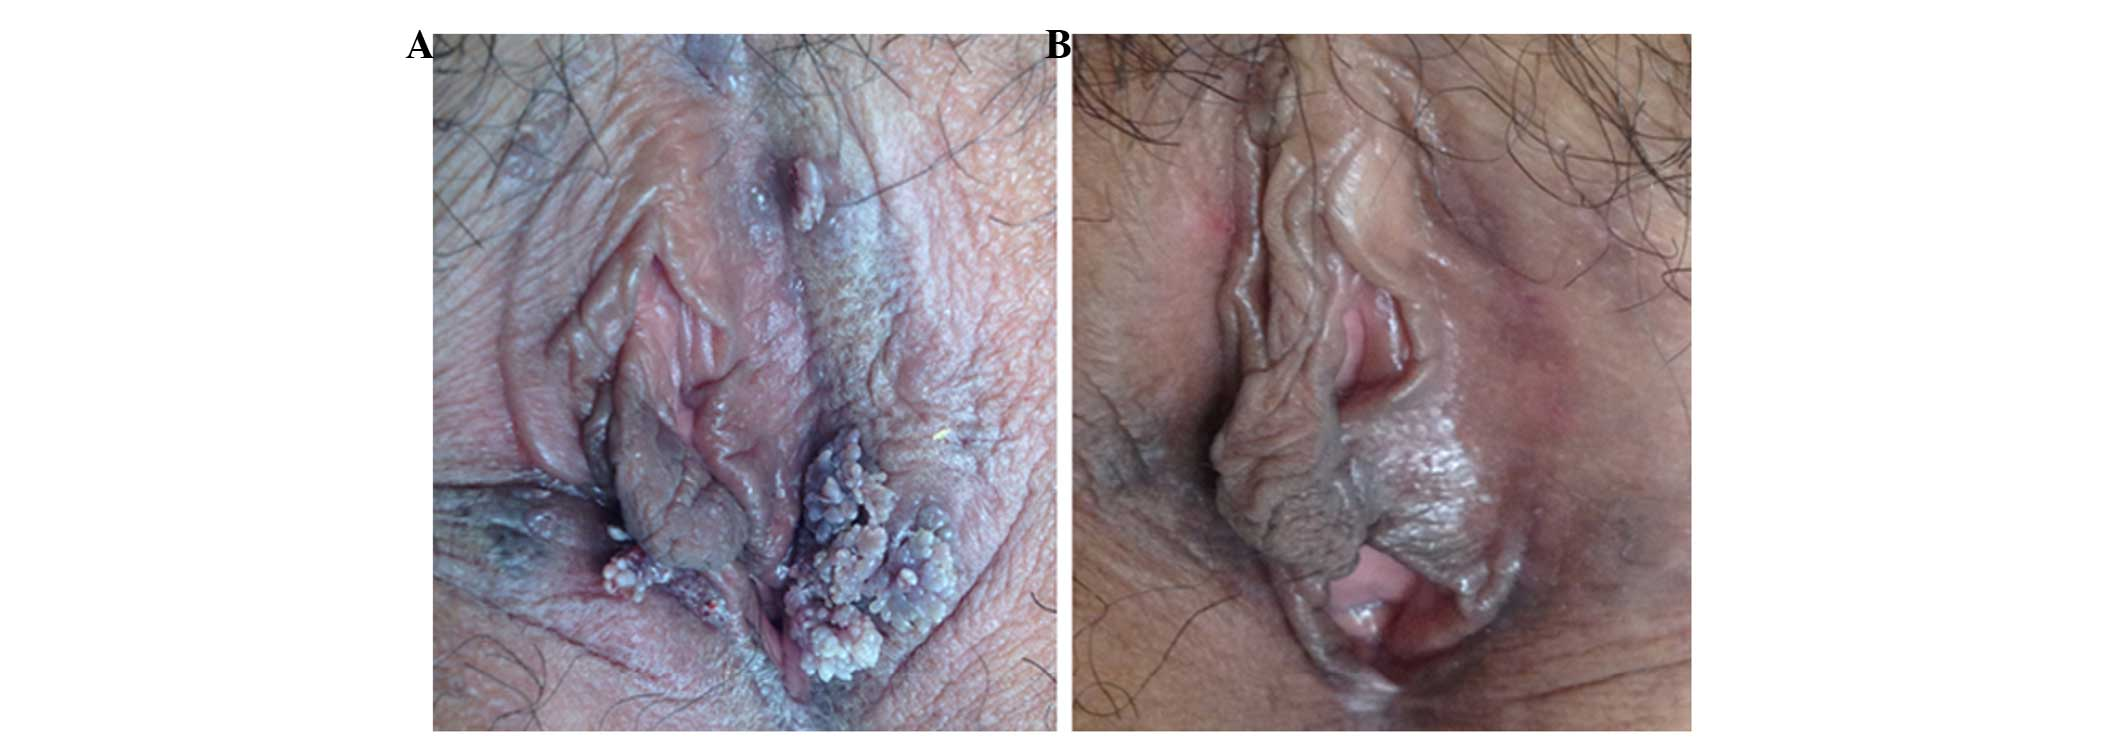 Condyloma acuminatum in pregnancy, Condyloma acuminata during pregnancy